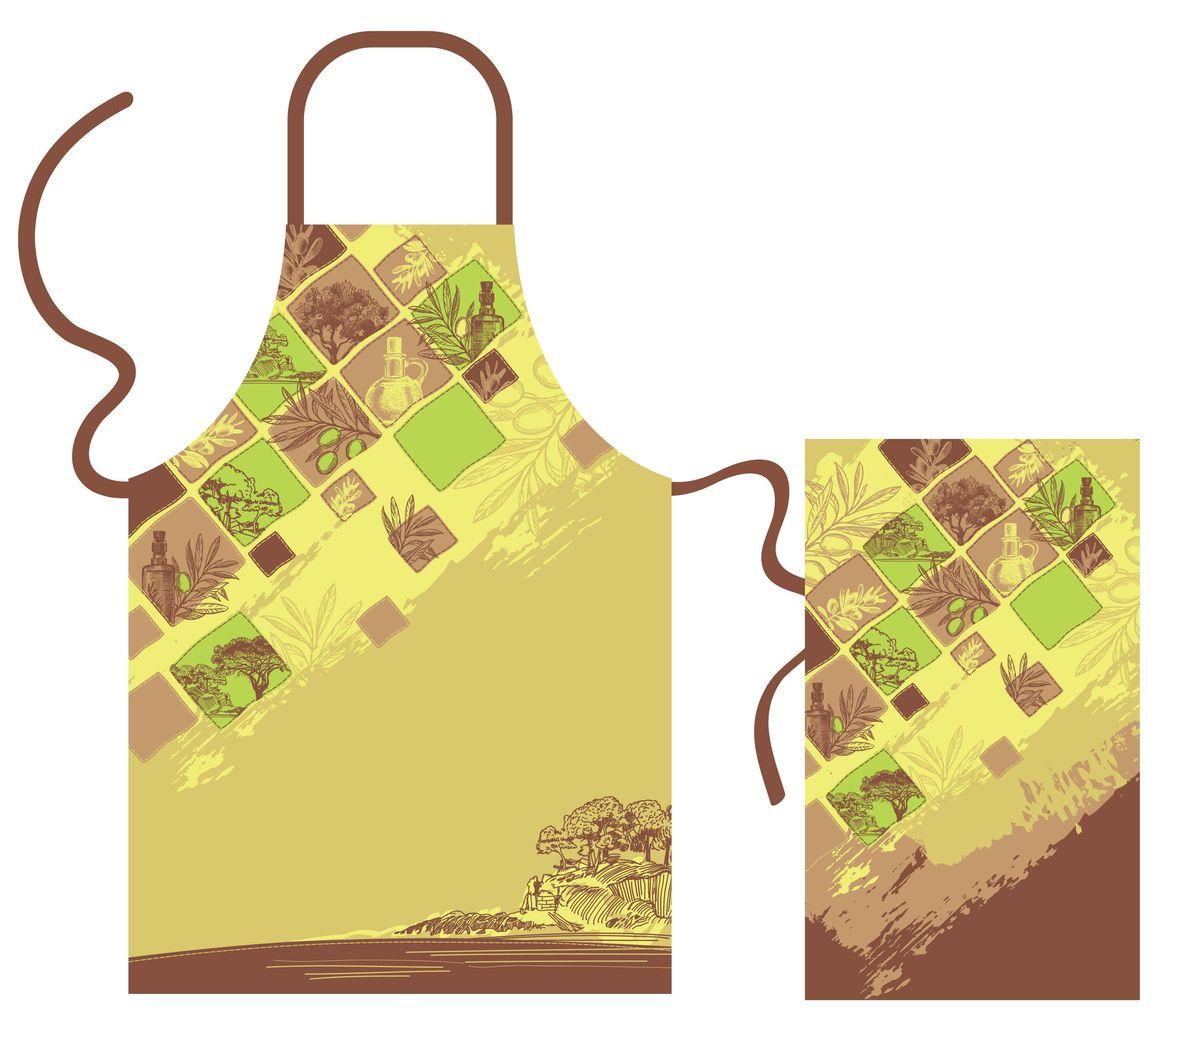 Набор кухонного текстиля Olive dreamВетерок 2ГФНабор кухонного текстиля выполнен из хлопка и украшен оригинальным принтом в оливковых и коричневых оттенках. 100% хлопок